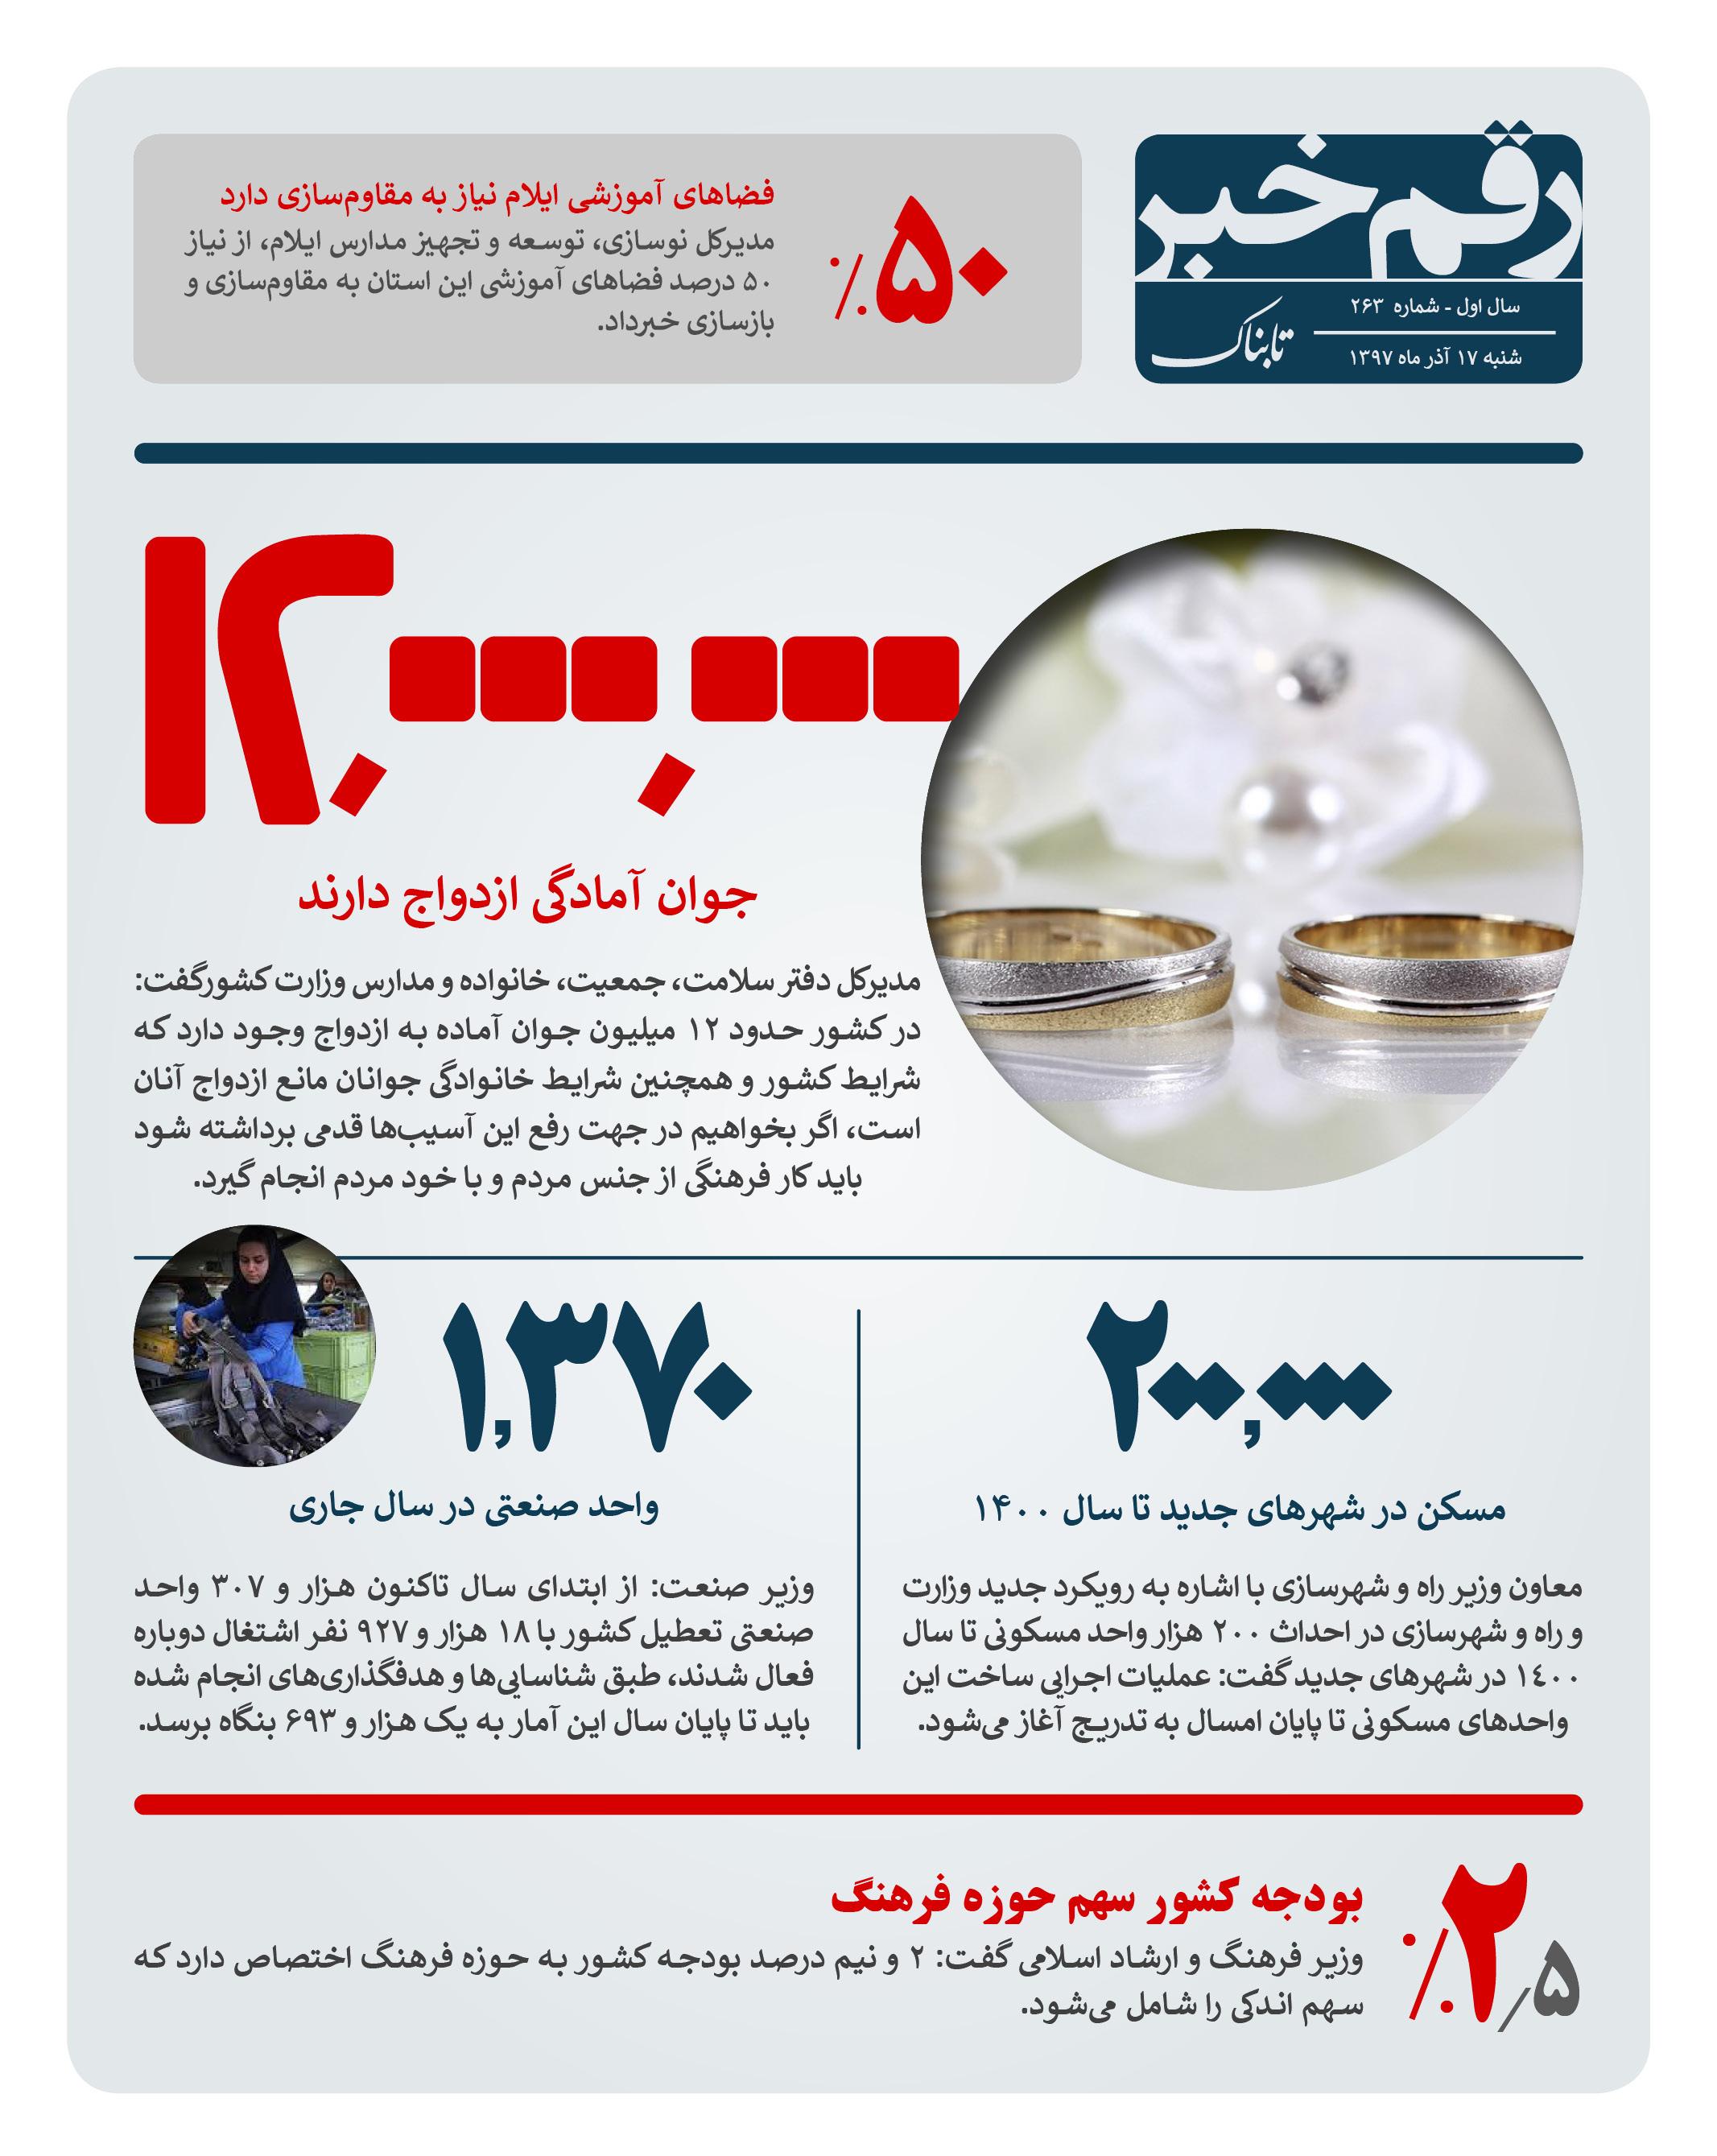 رقم خبر: ۱۲ میلیون جوان آمادگی ازدواج دارند